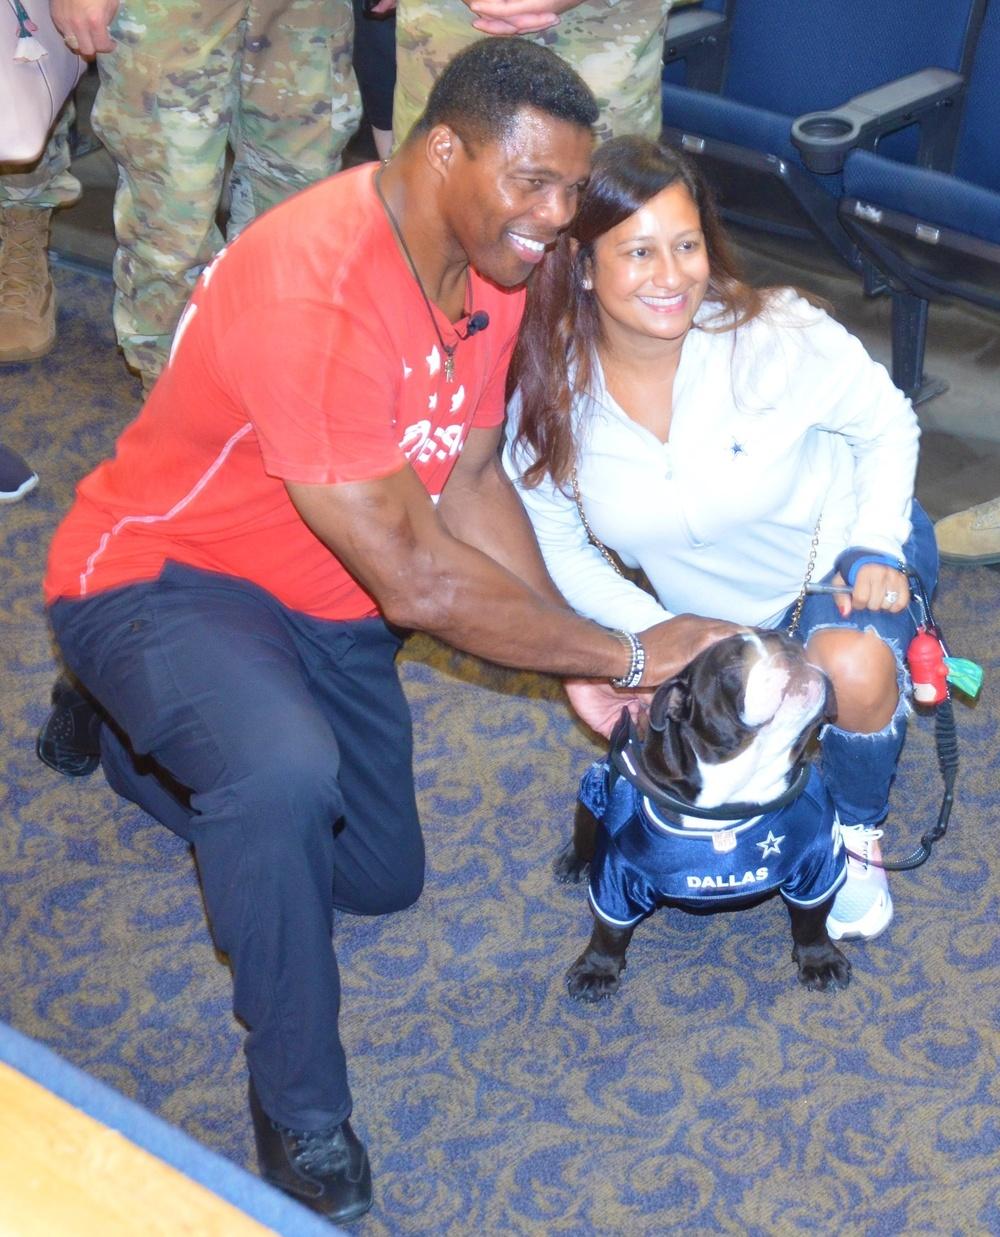 Herschel Walker poses with fan